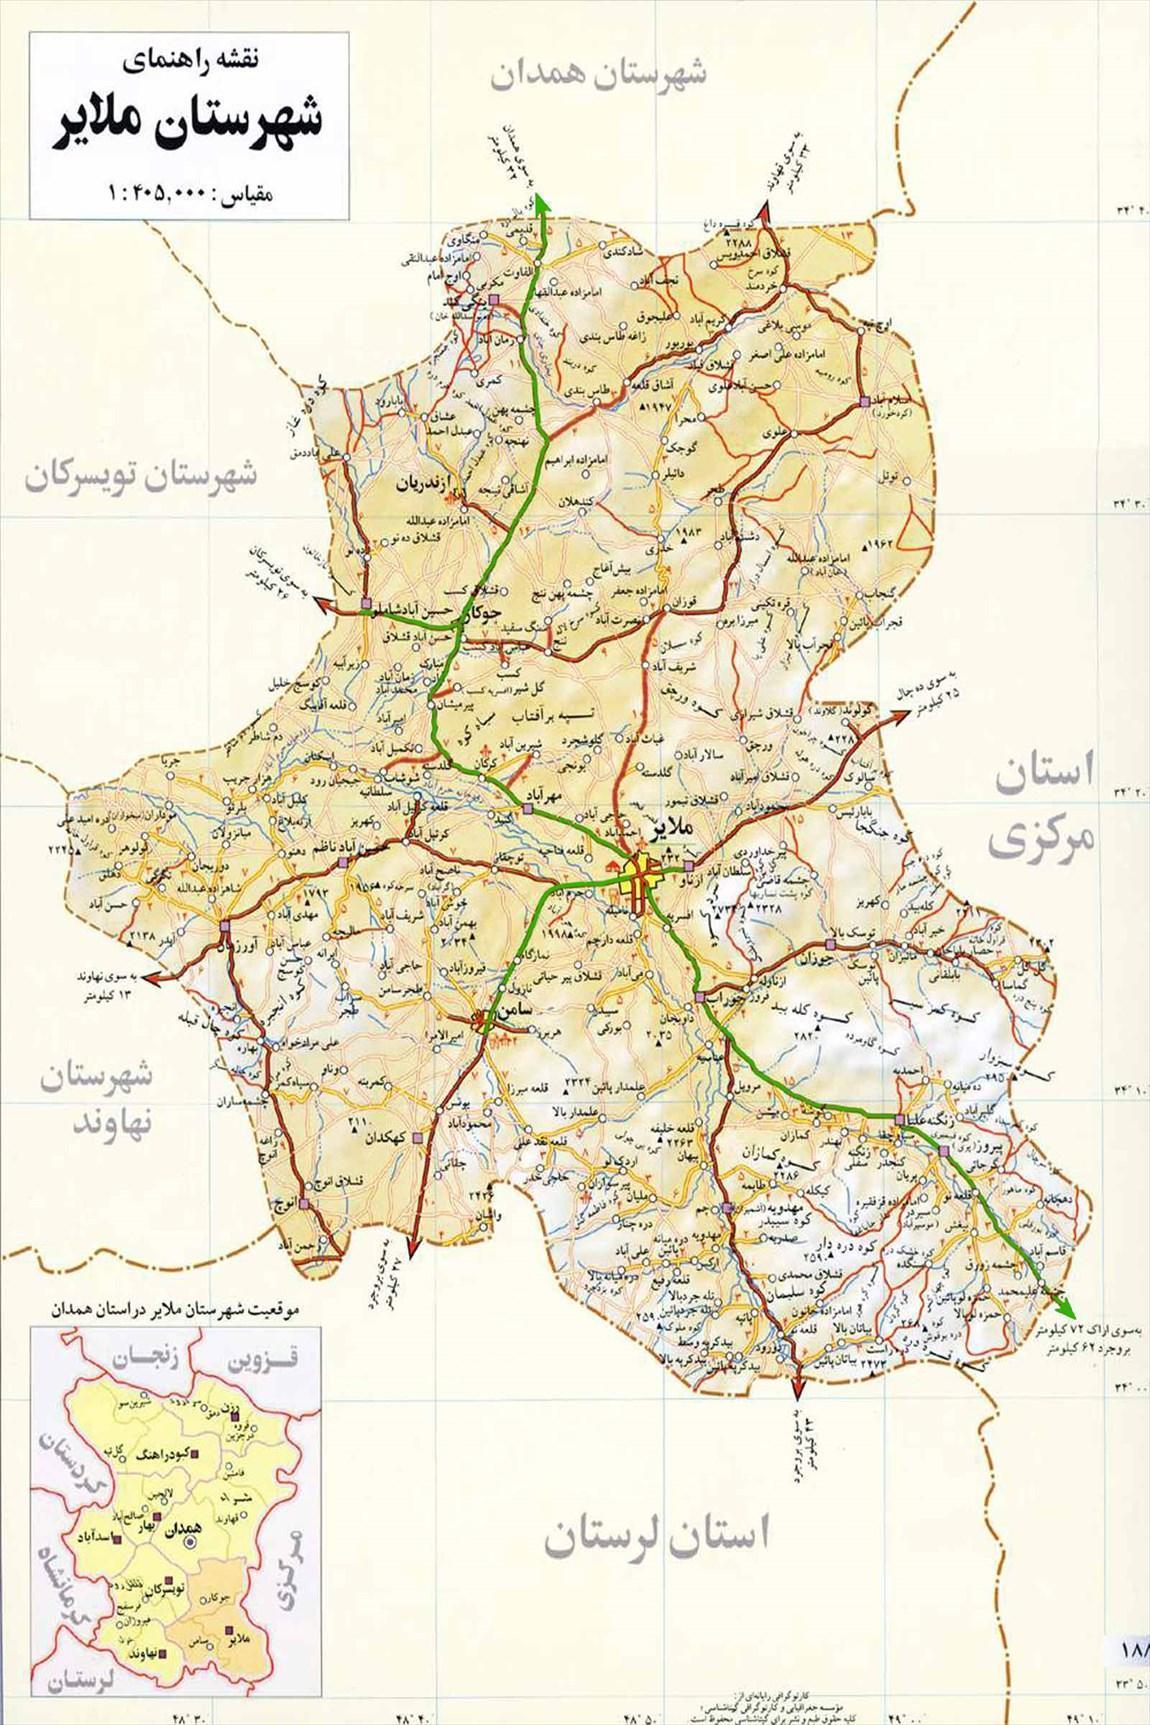 تاریخچه و نقشه جامع شهر ملایر در ویکی خبرنگاران